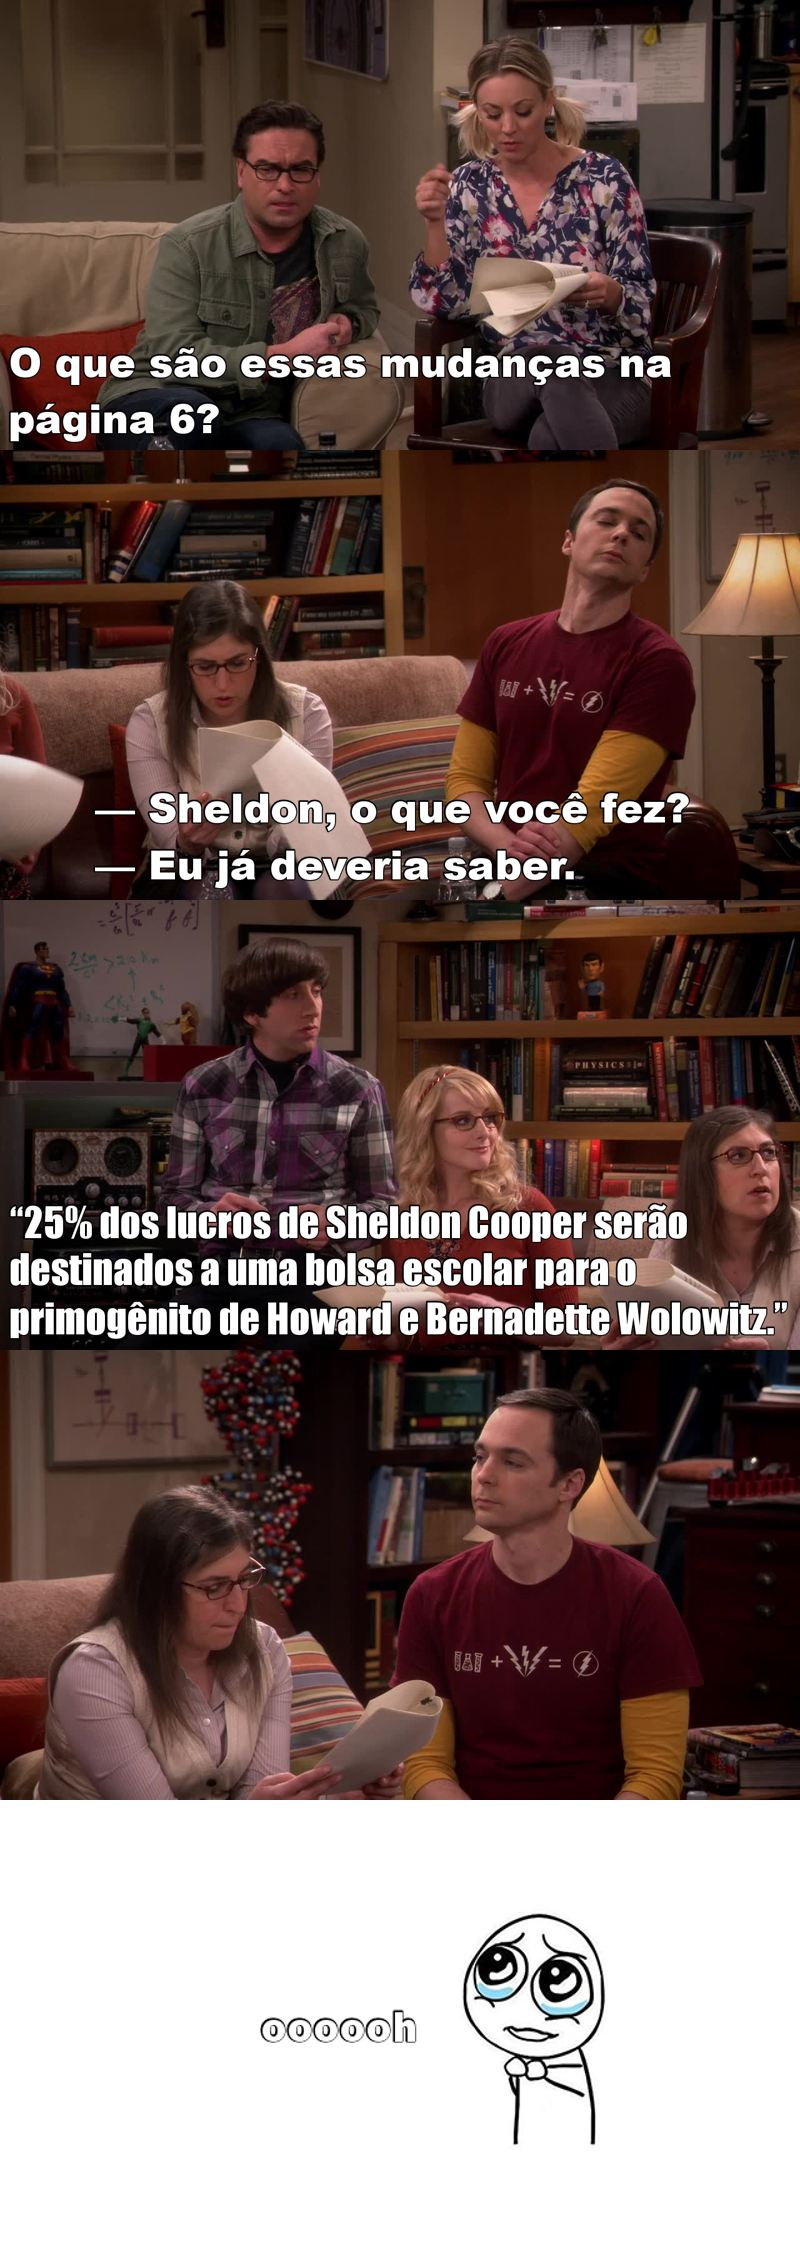 Sheldon , tão humano 😻 , oferecendo uma bolsa pro filho do Howard e a Bernadette 😍 ...